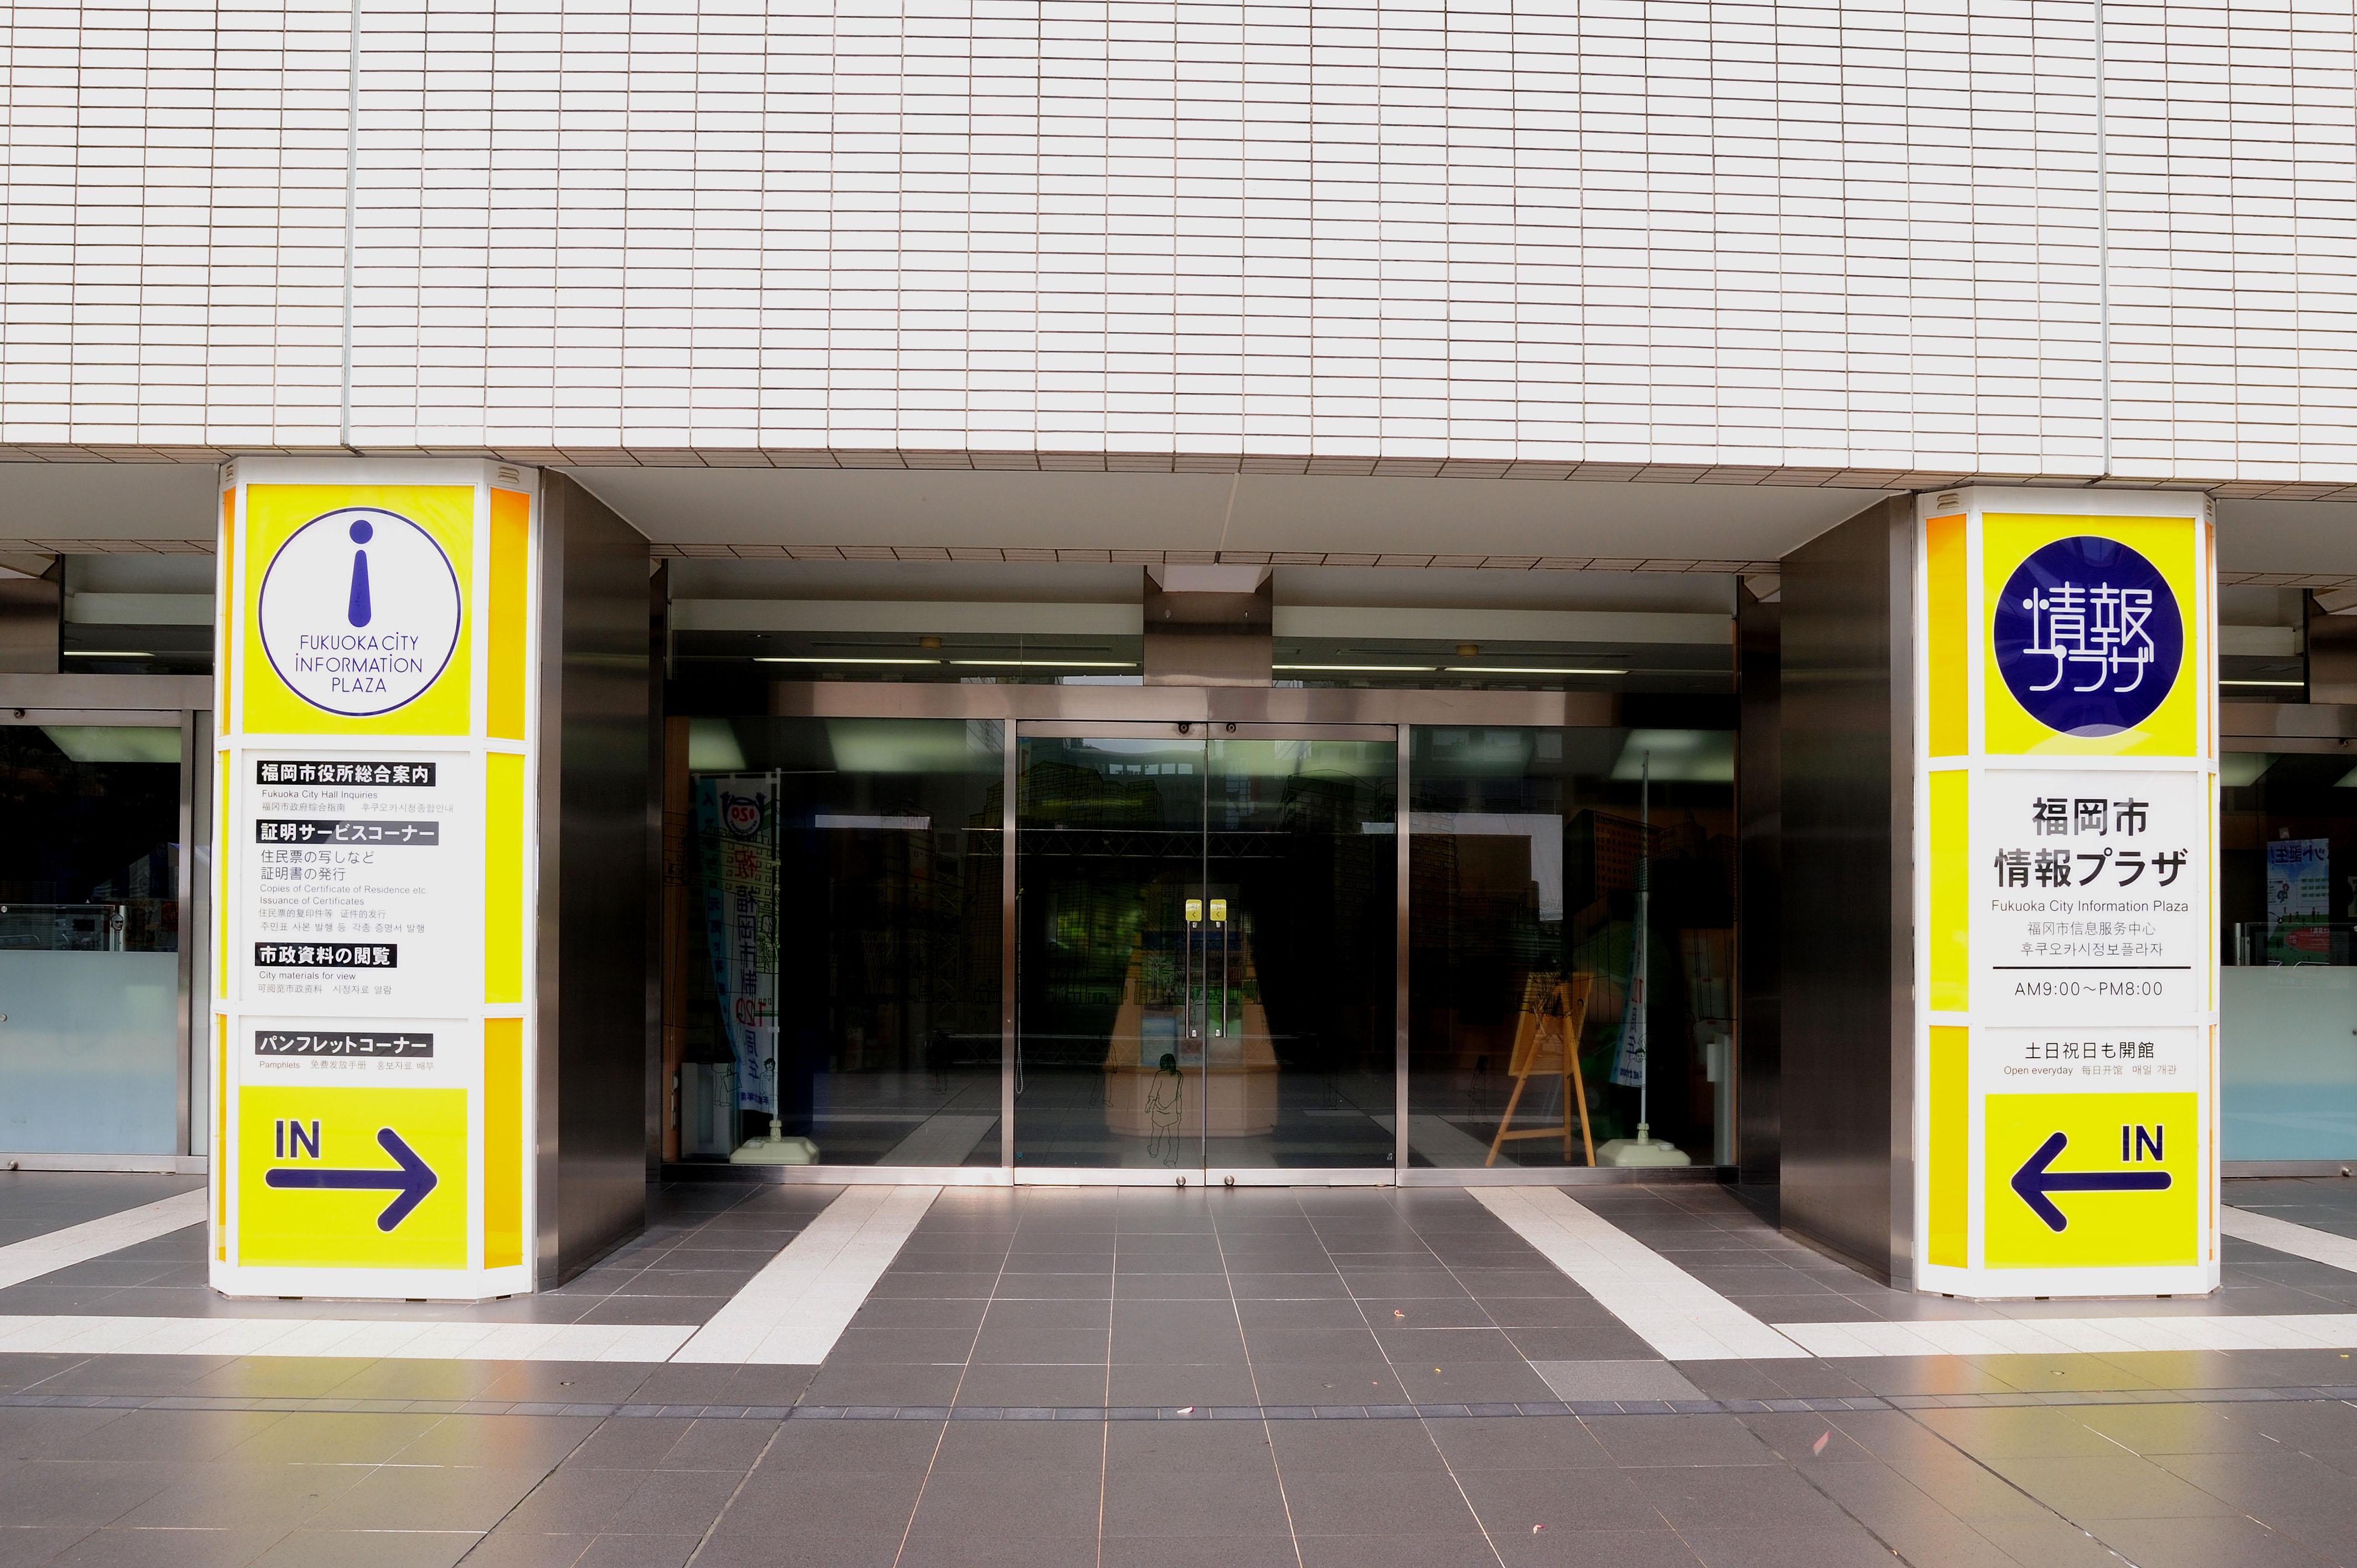 福岡市情報プラザ(2009)の画像